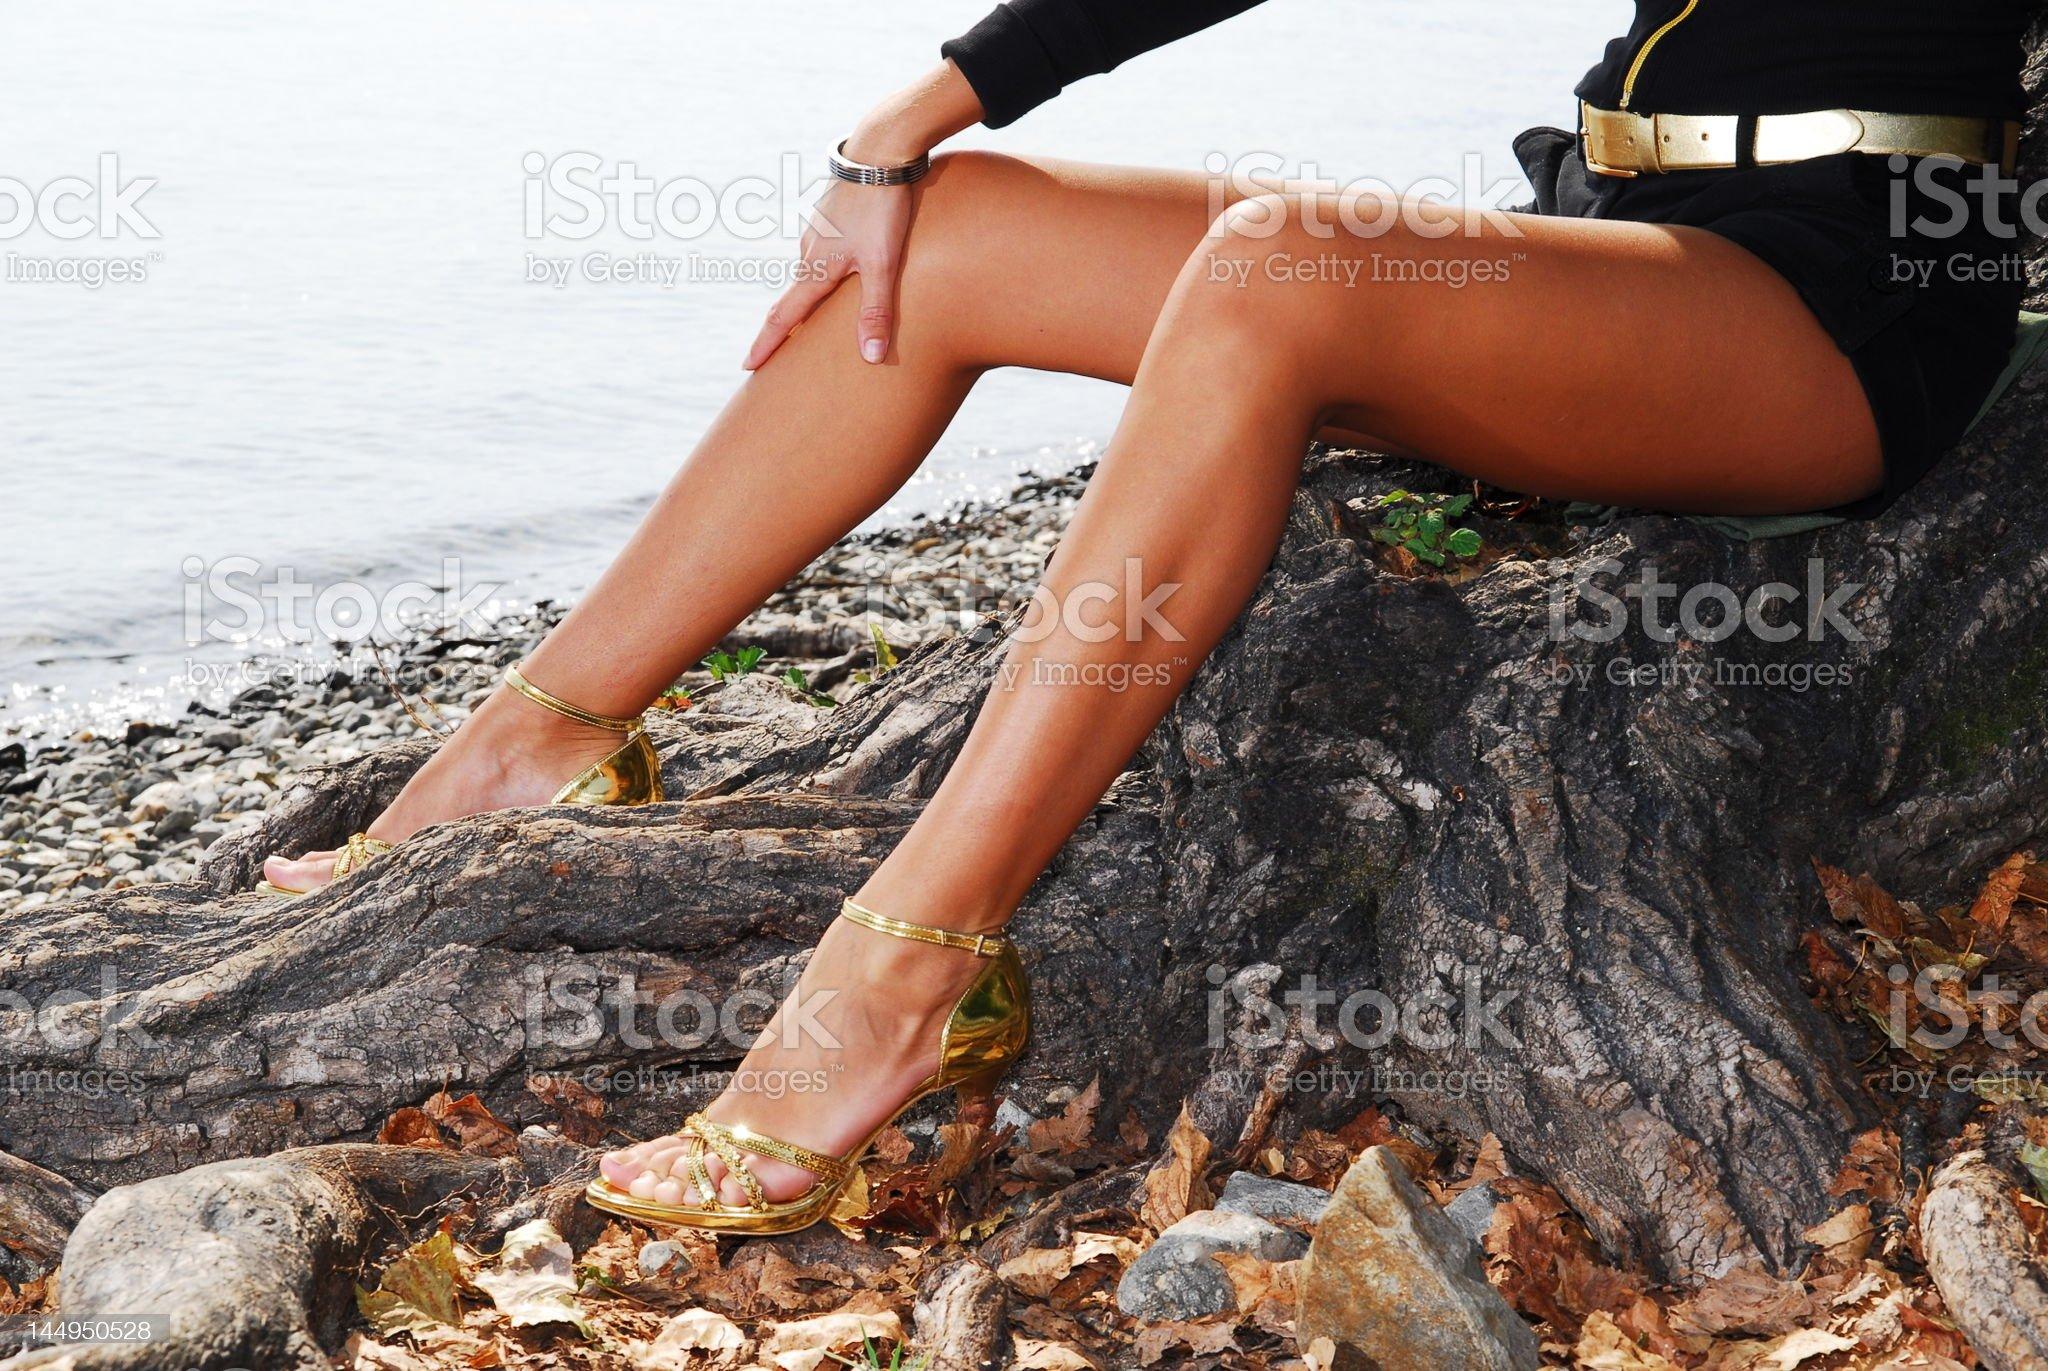 simona on the beach 02 royalty-free stock photo